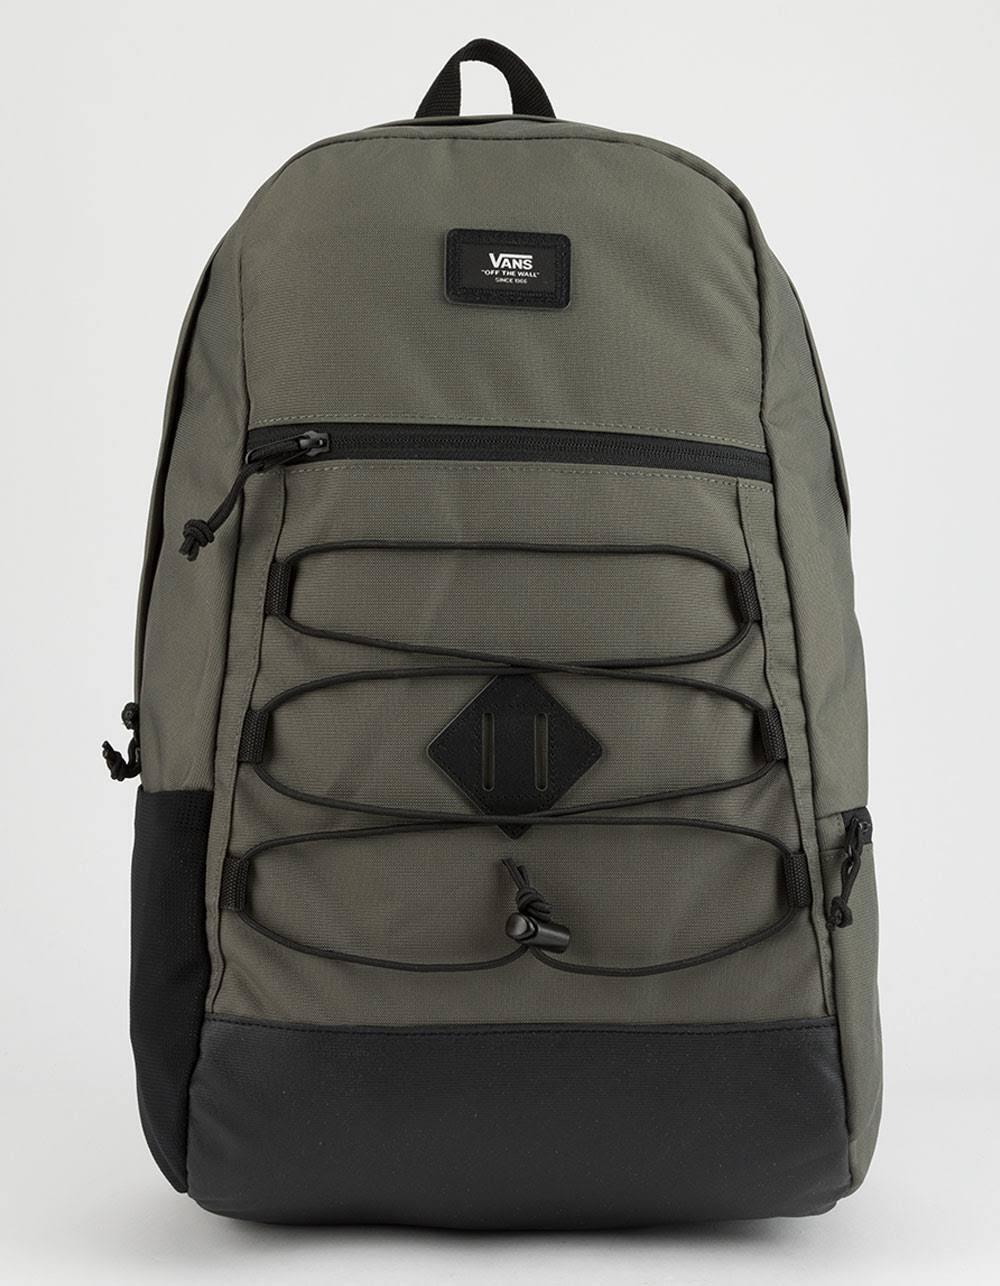 c313ec03f63 VANS Snag Plus (grape Leaf) Backpack for sale online   eBay